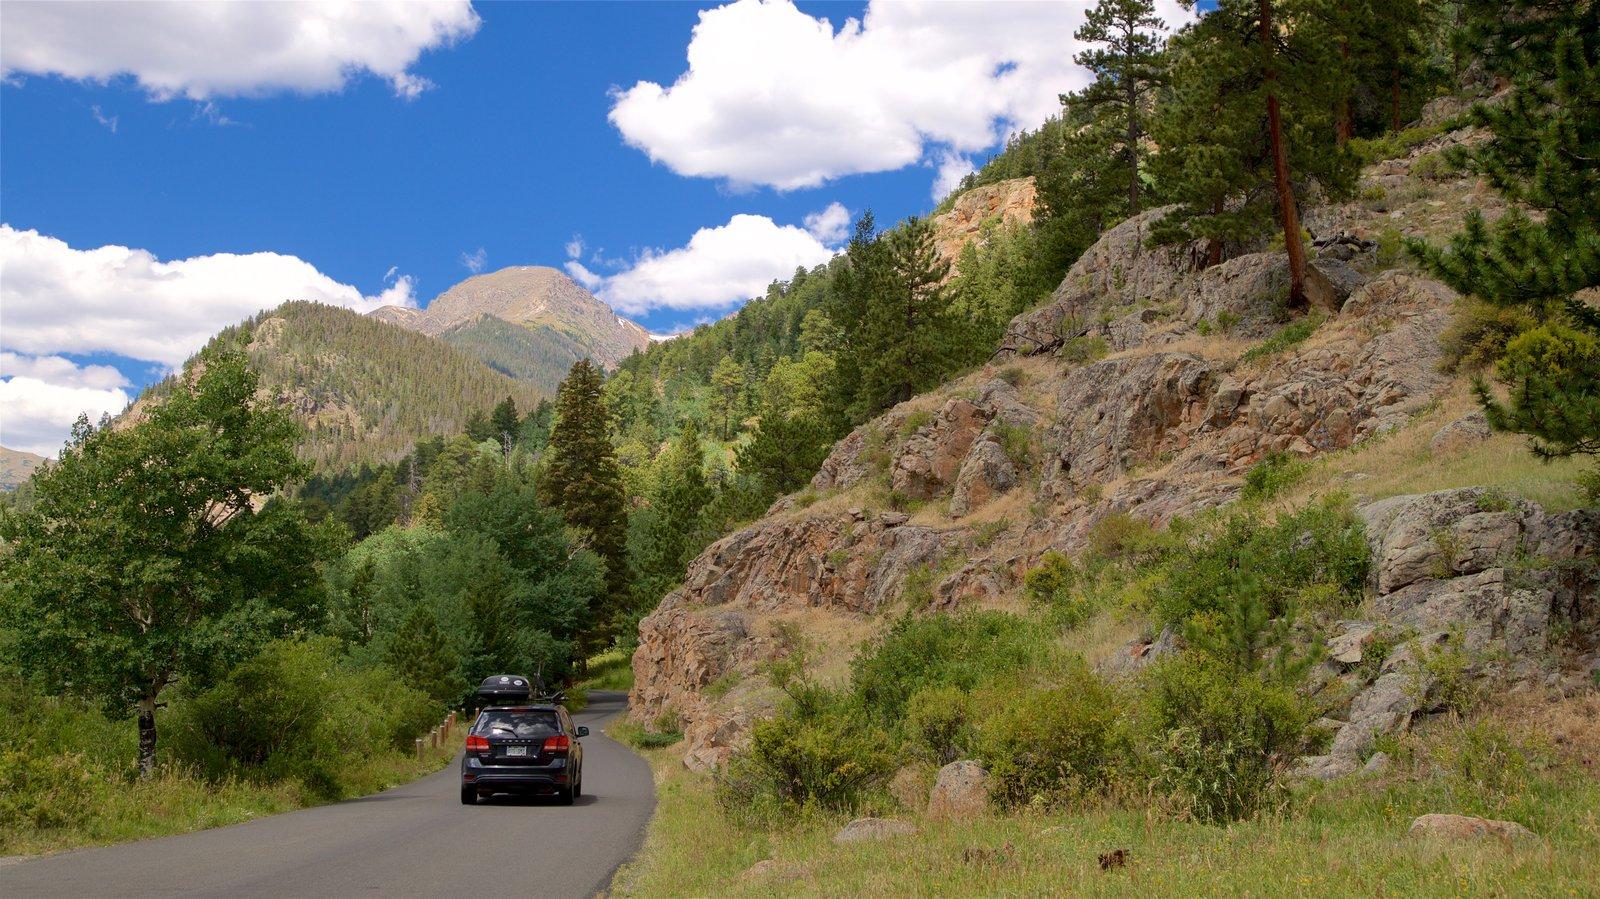 Rocky Mountain National Park que inclui cenas tranquilas